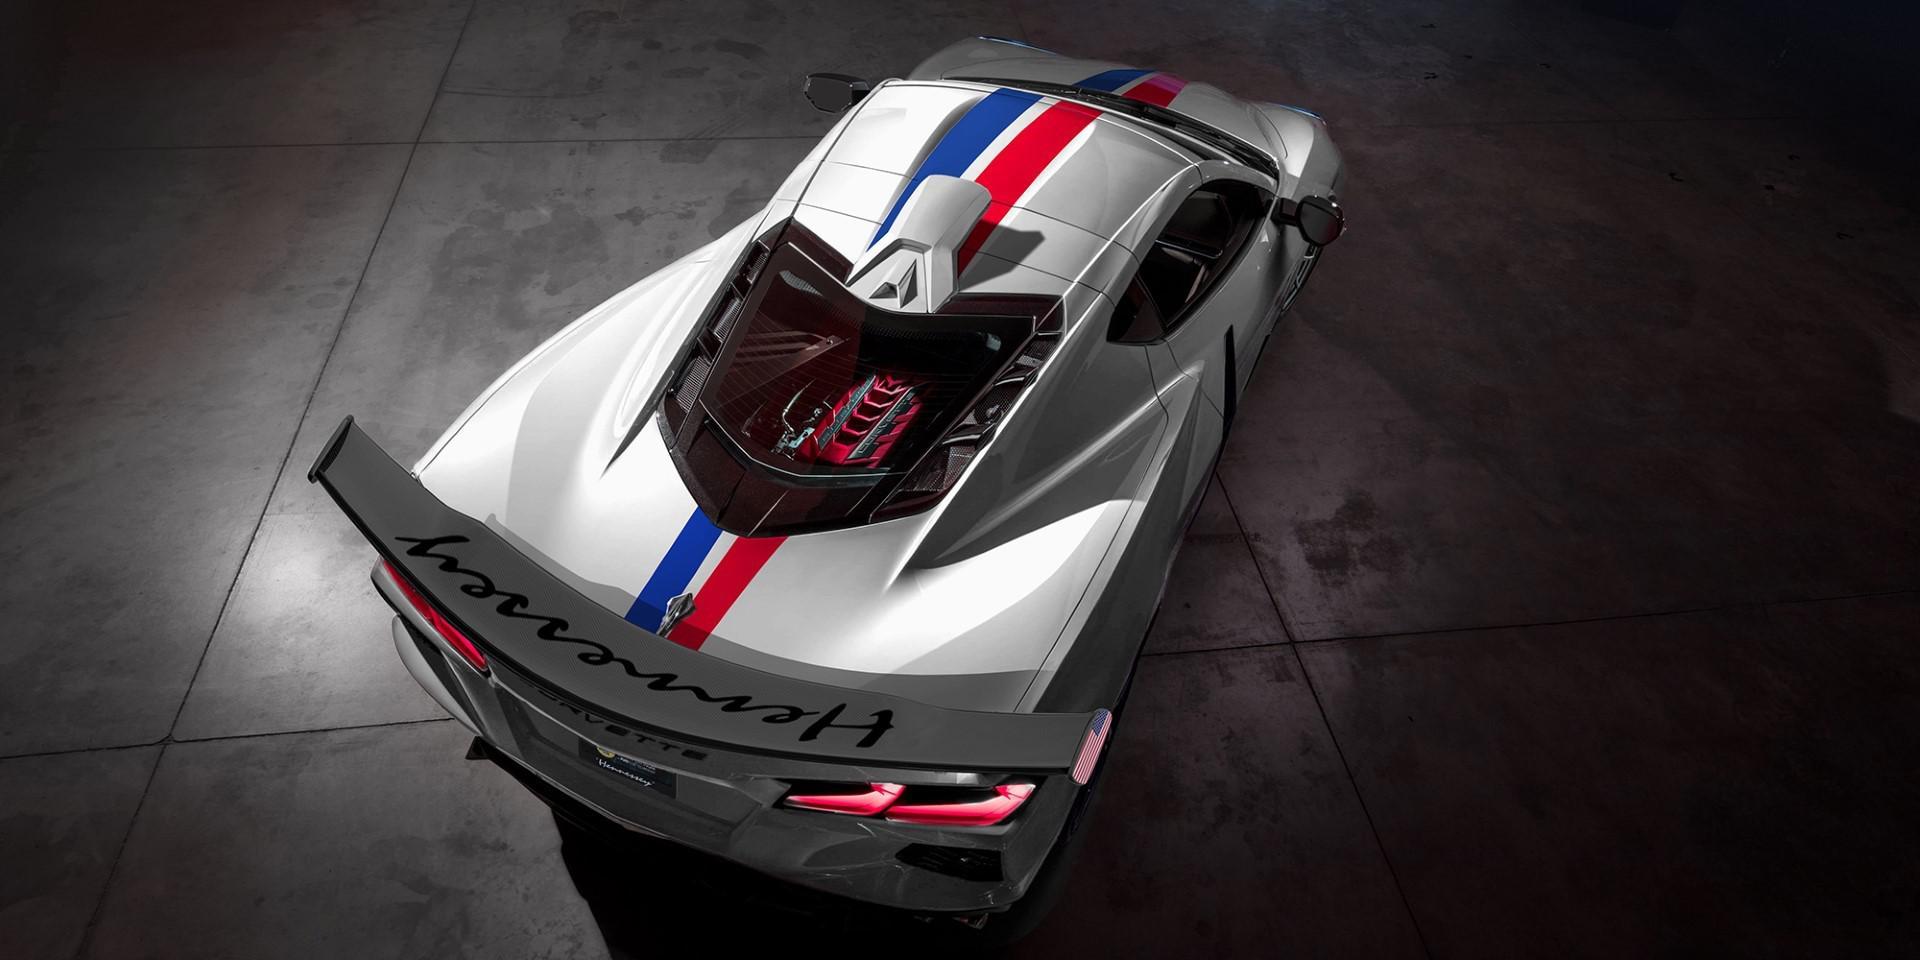 chevrolet-corvette-c8-biturbo-by-hennessey-performance-1240-2.jpg